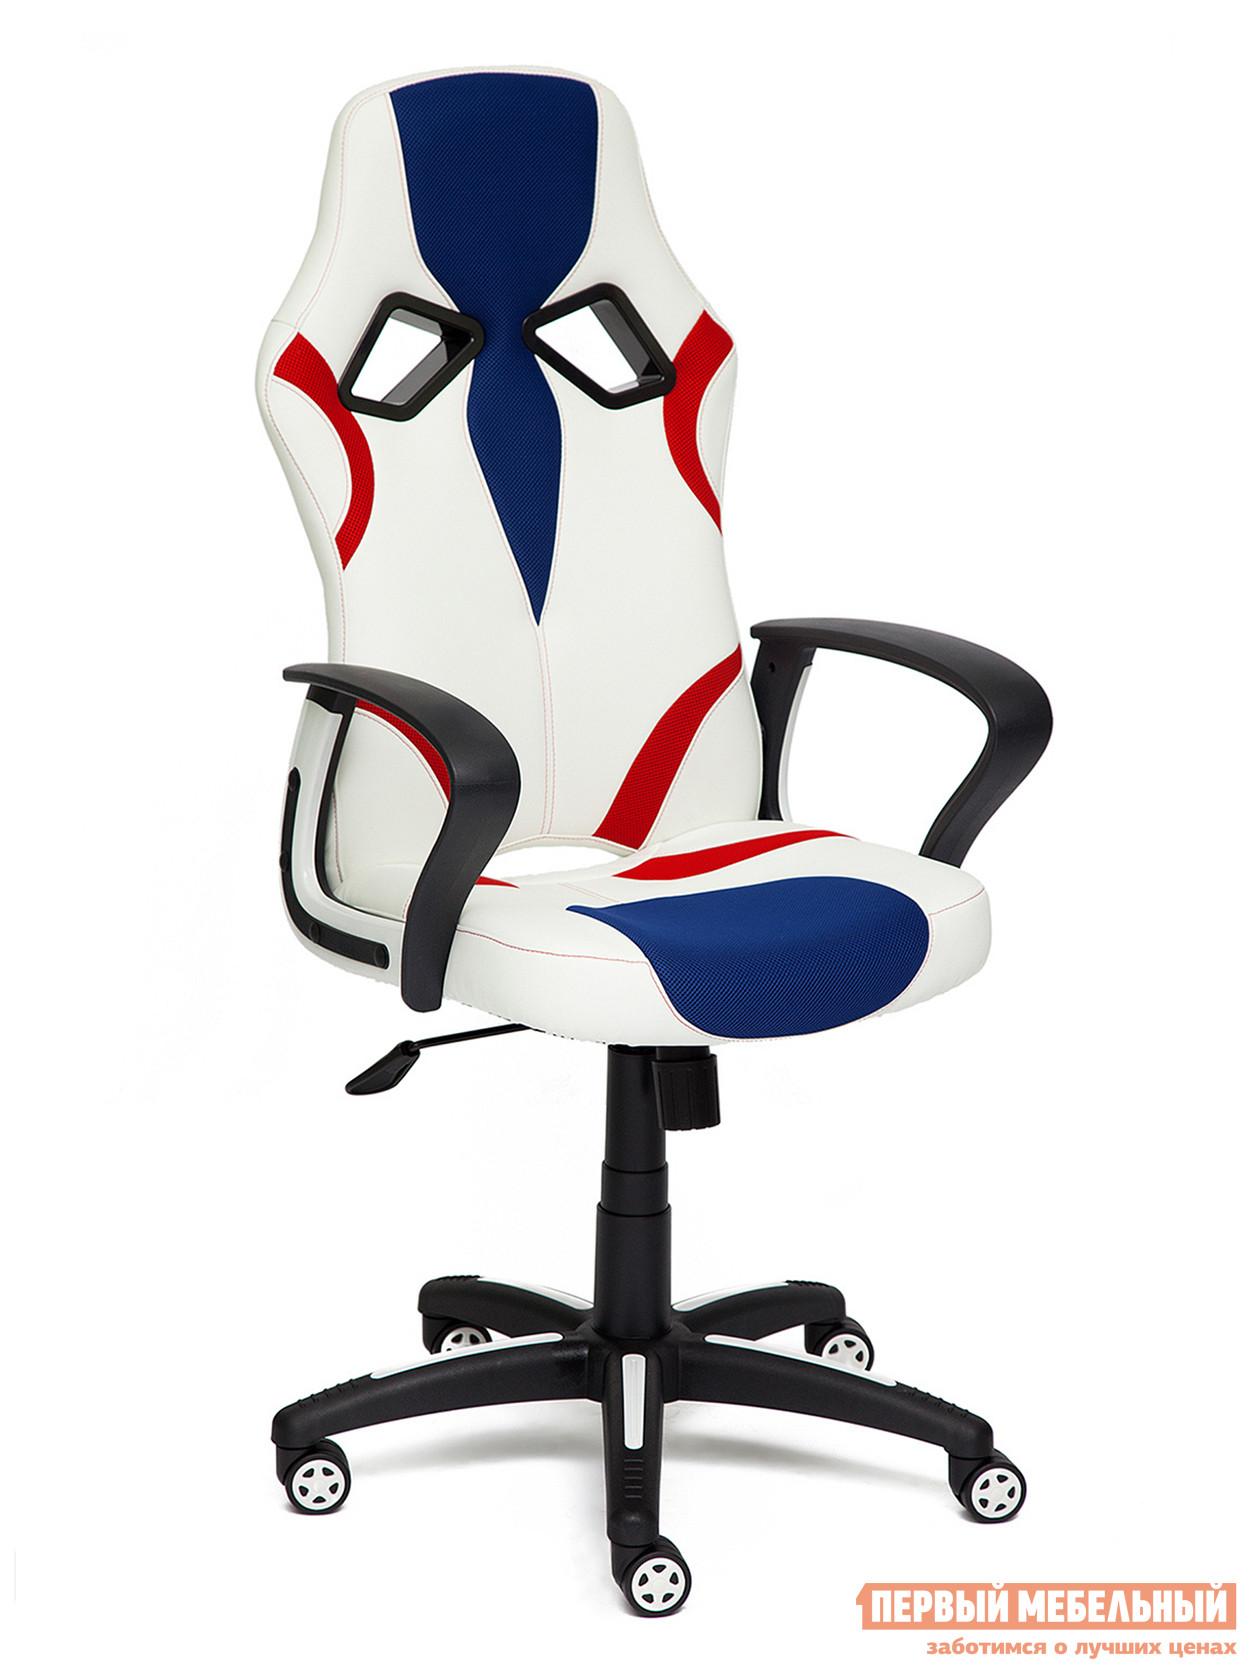 Игровое кресло Tetchair Runner кресло игровое tetchair ibat